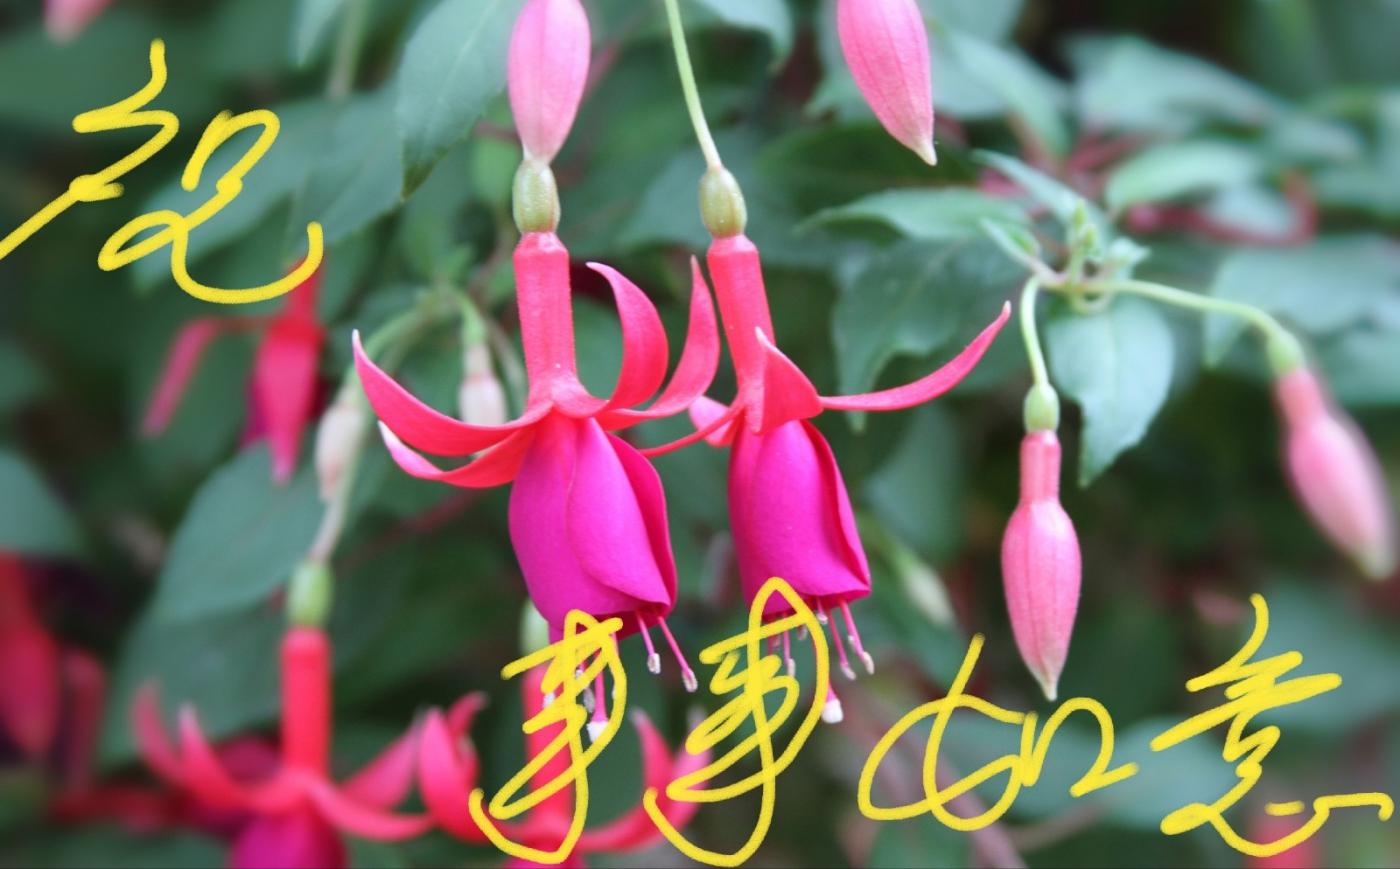 [田螺摄影]把祝福写进花开里 新年好!_图1-15